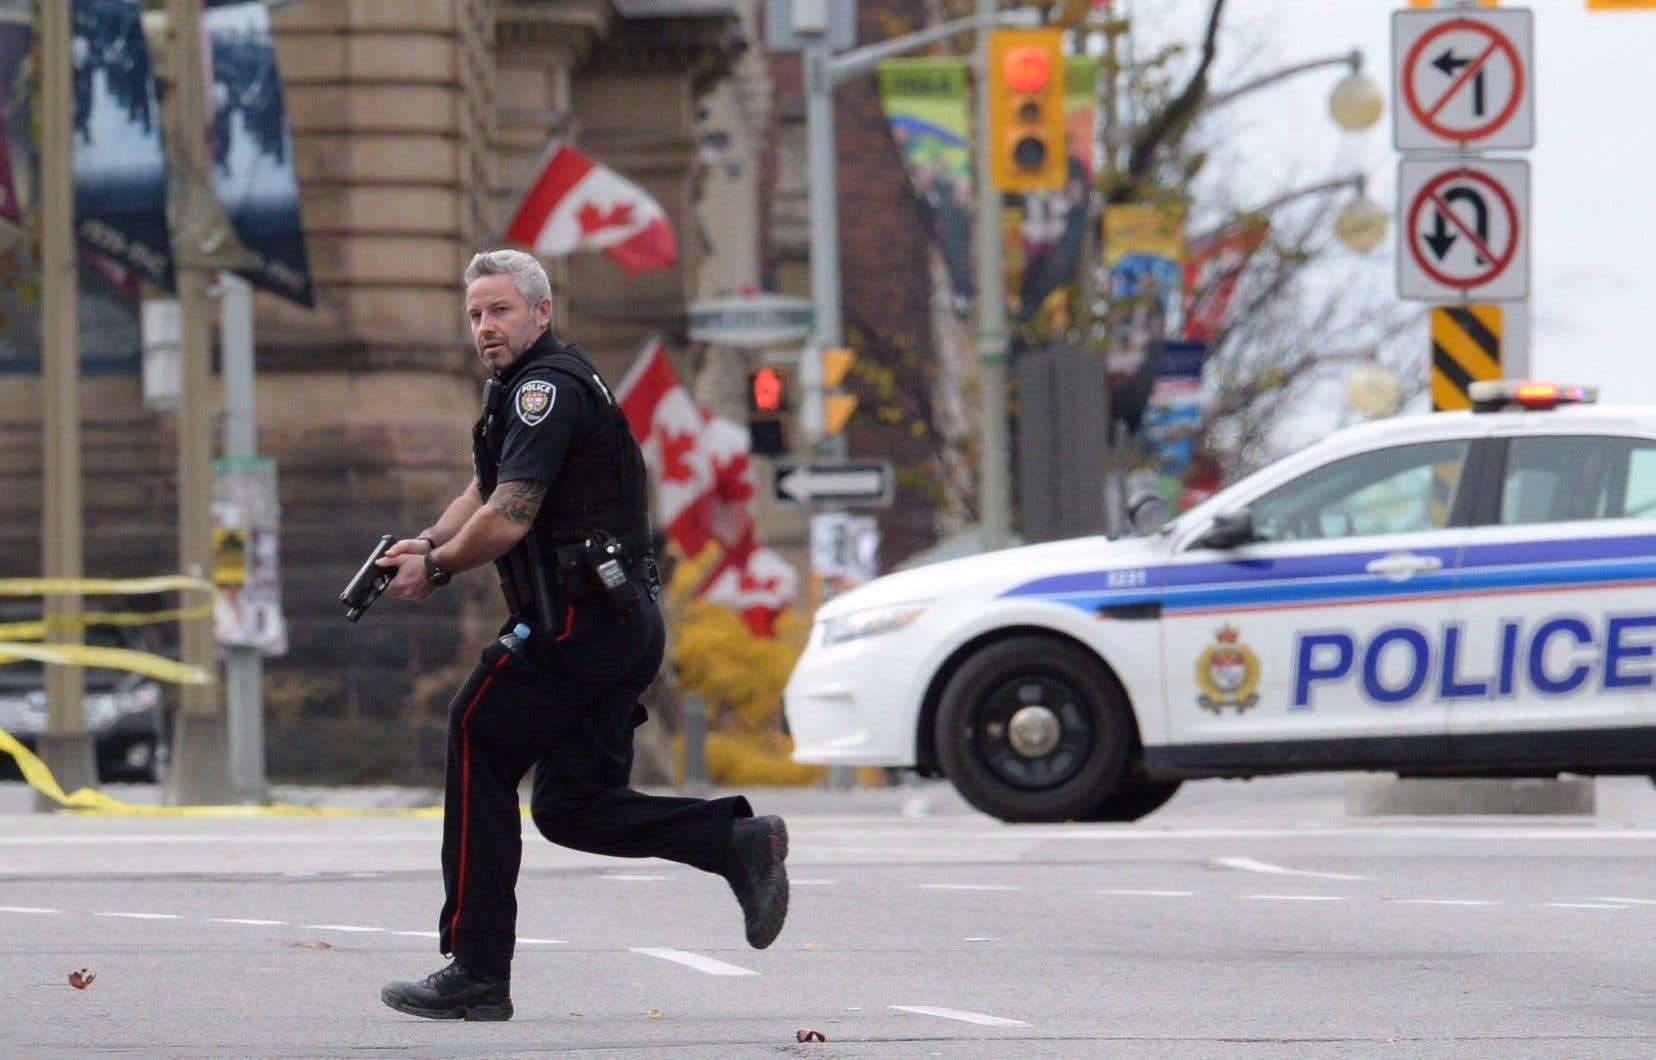 Une attaque d'un tireur solitaire avait fait deux mort (incluant le tireur) et trois blessés à Ottawa le matin du 22 octobre 2014.